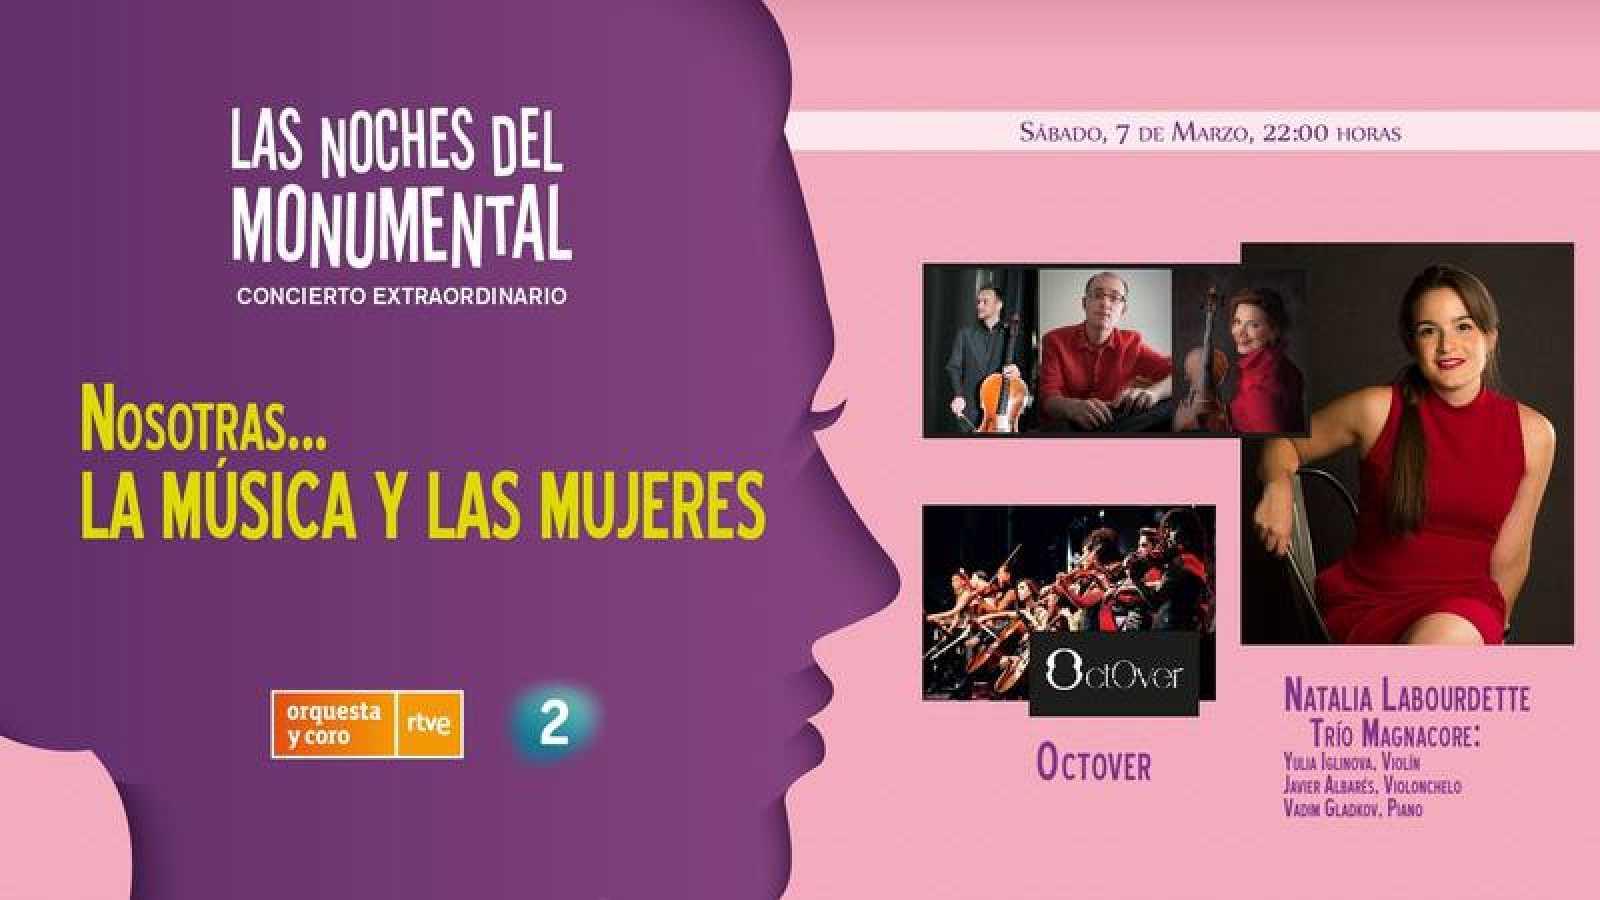 Cartel del conierto extraordinario por el Día de la Mujer:'Nosotras: la música y las mujeres' en 'Las nohes del Monumental'